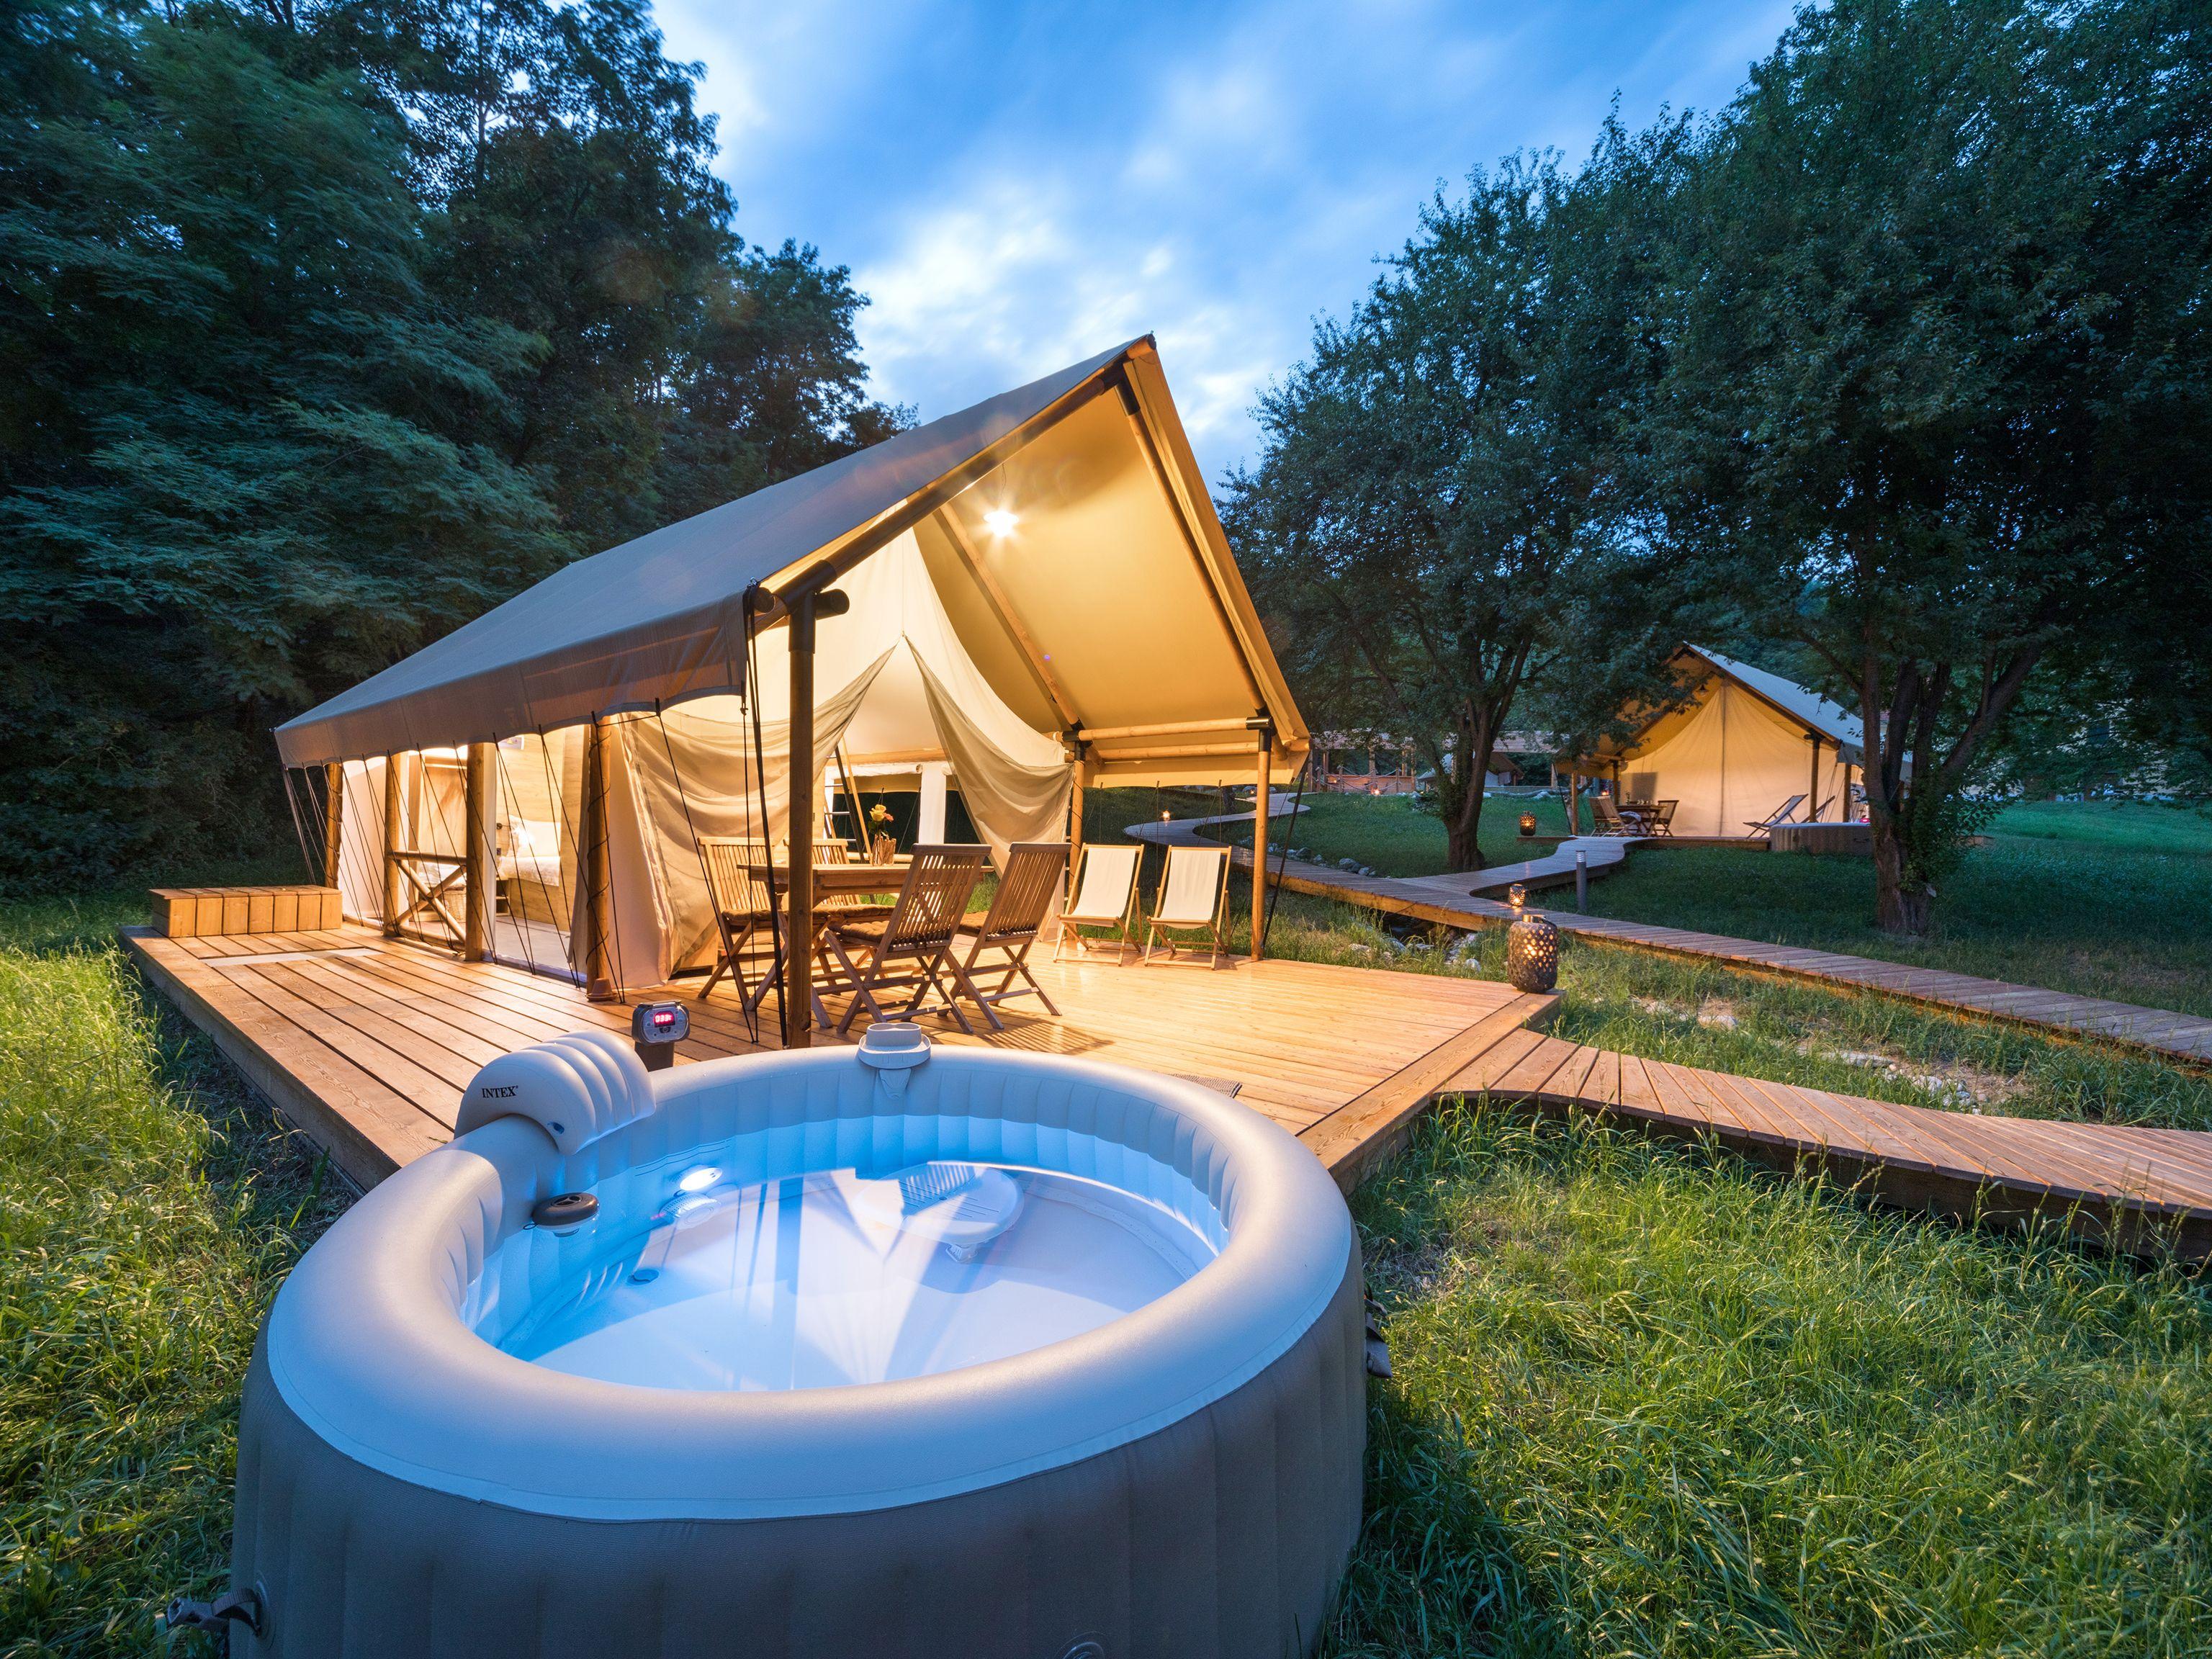 Glamorous Glamping Tent At Chateau Ramsak Glamping Resort In Slovenia Glamping Resorts Tent Glamping Luxury Glamping